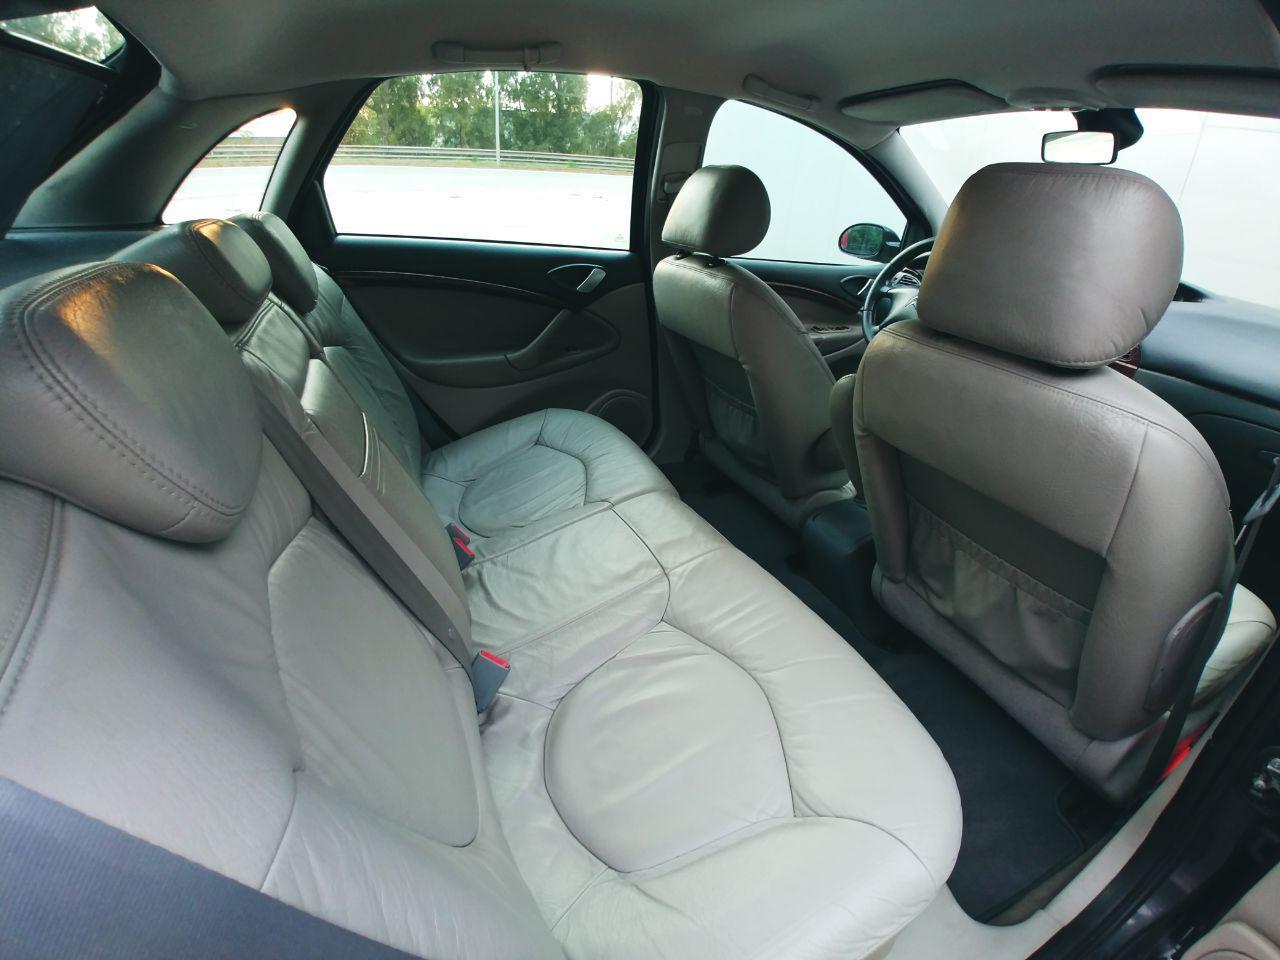 Citröen C5 2.0 HDI asientos traseros cuero